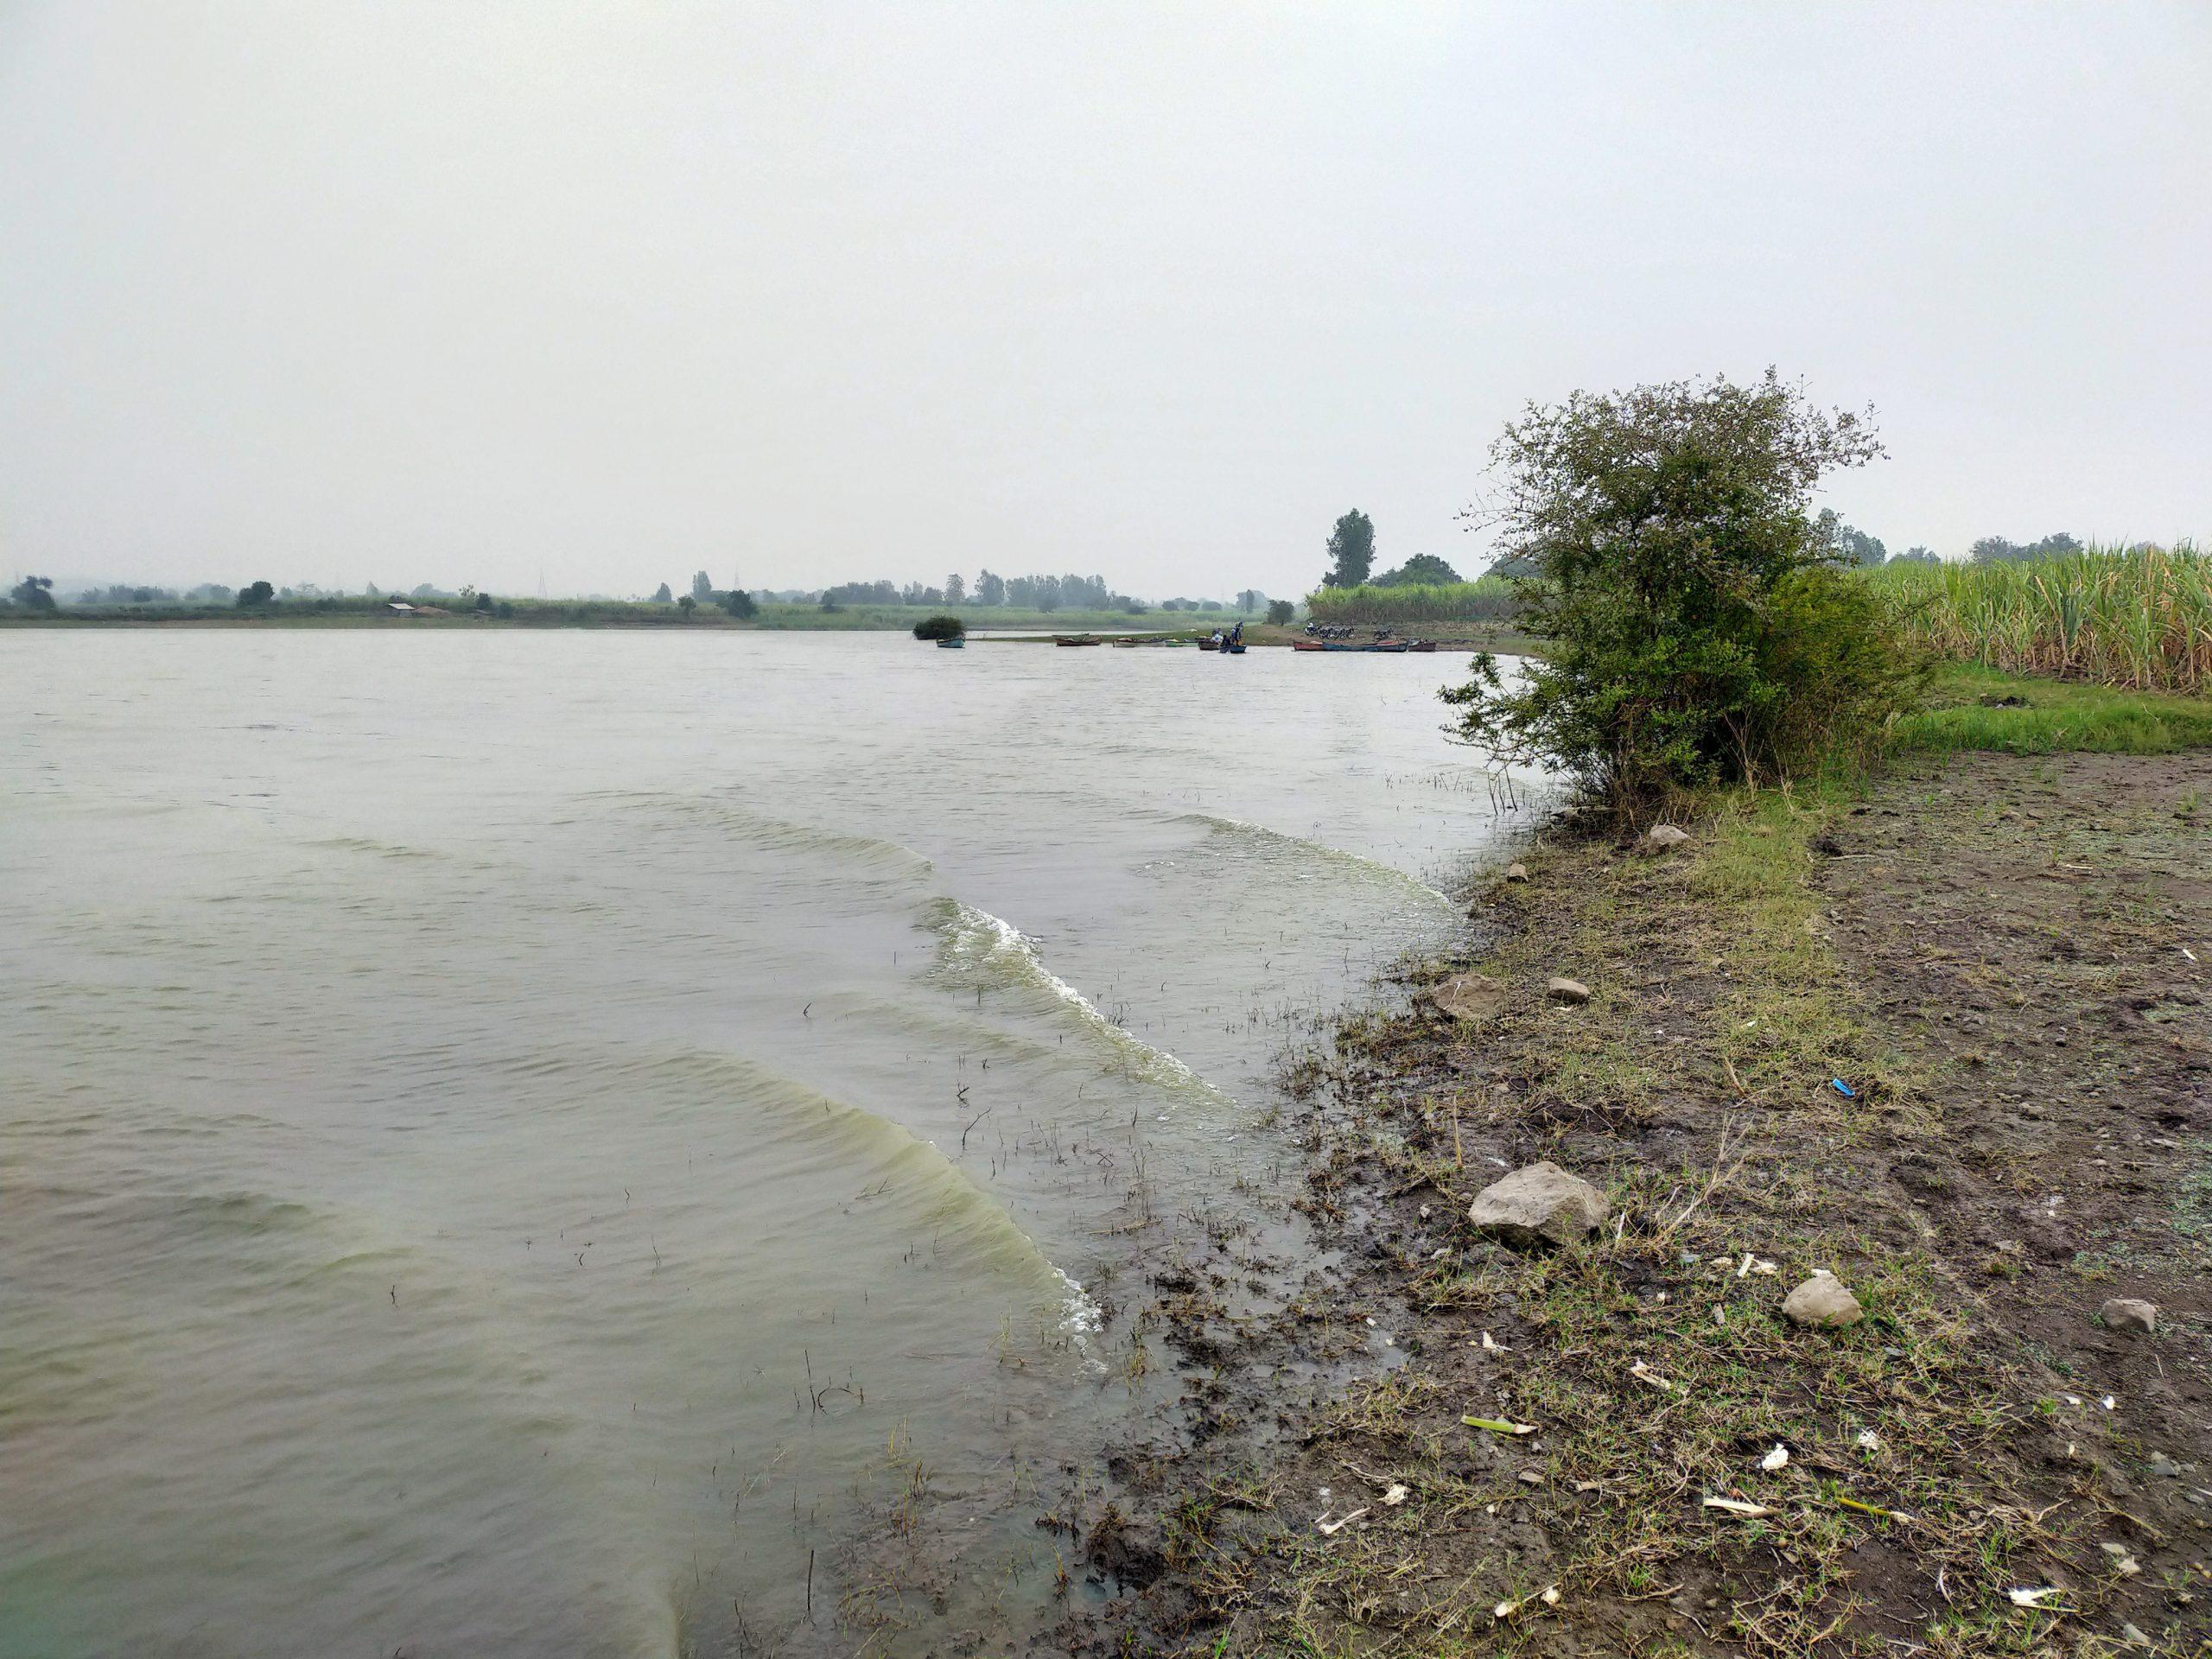 River view near farm